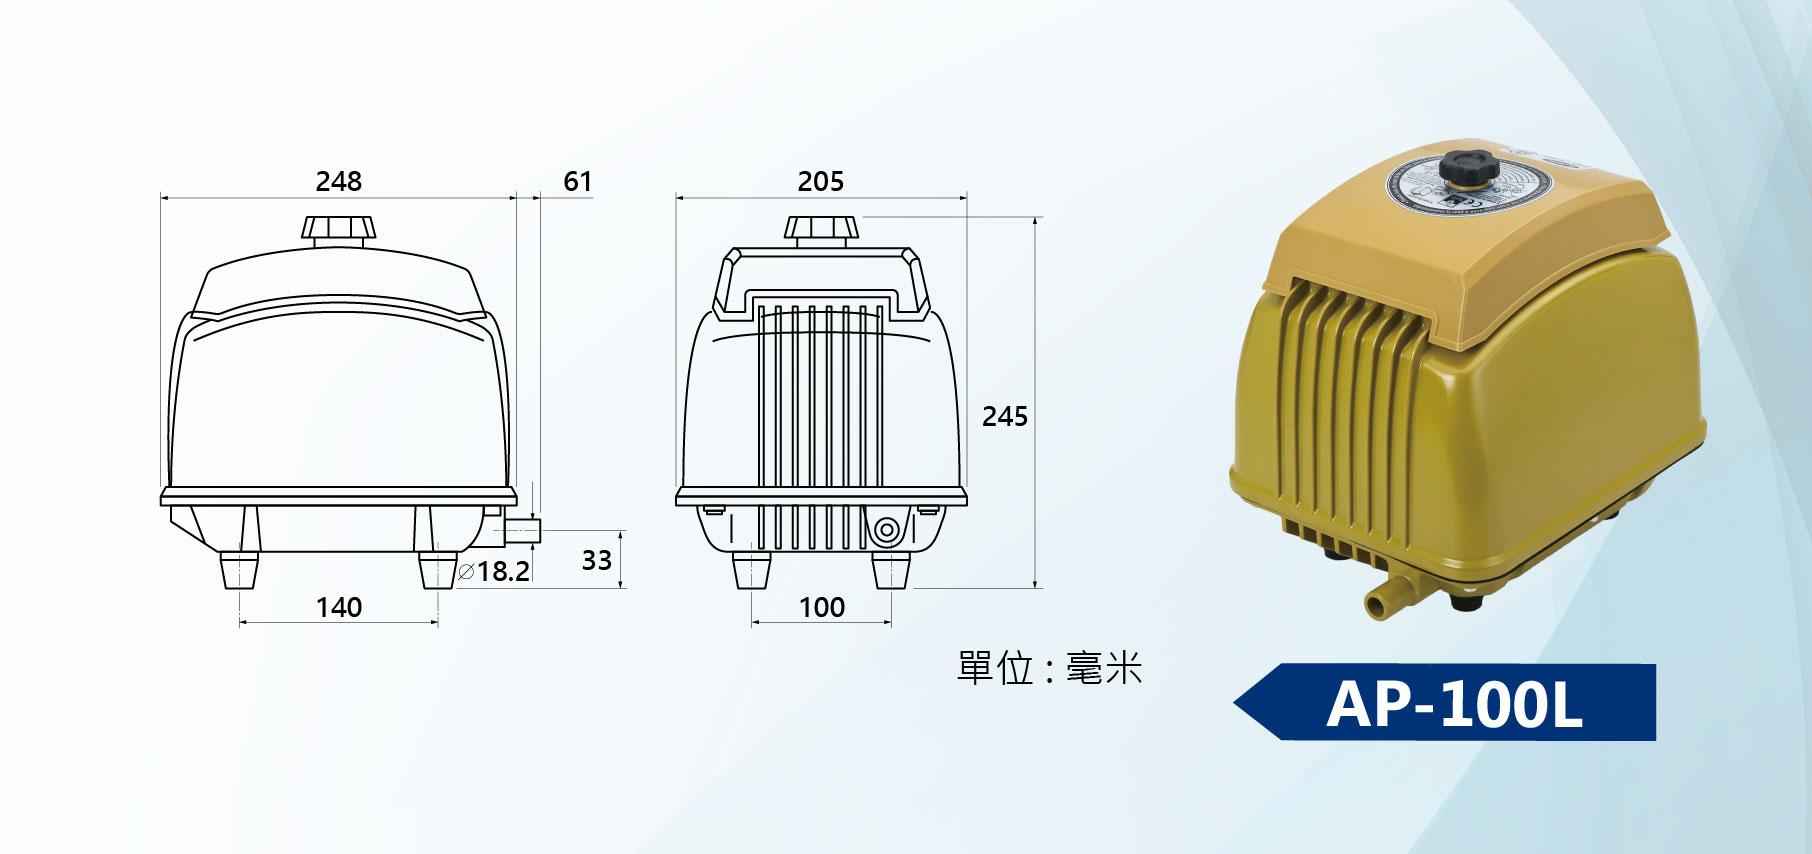 AP-100L Linear Air Pump Dimension